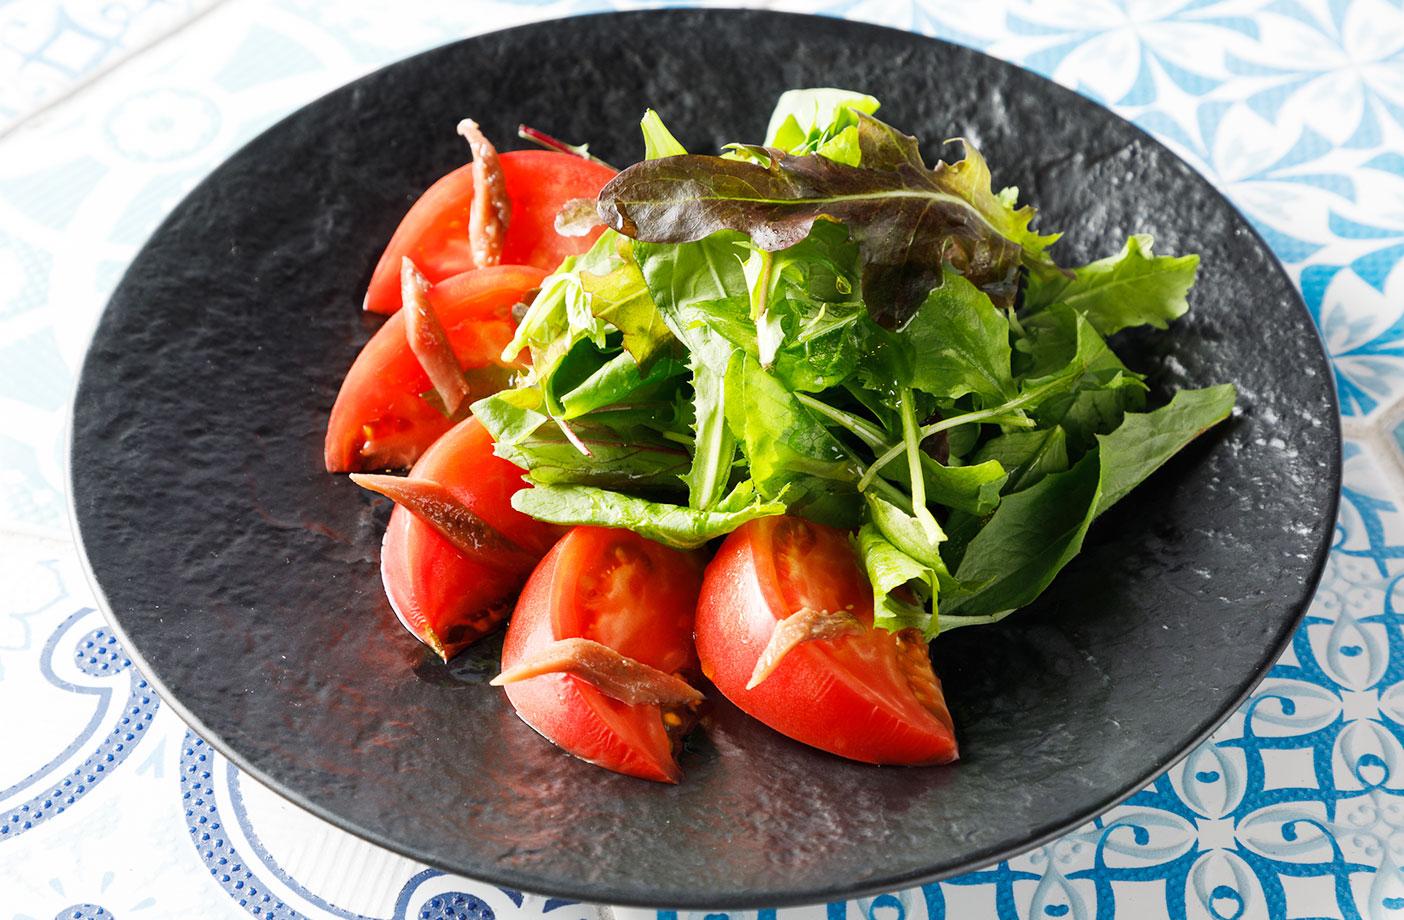 カンタブリア産アンチョビと有機ベビーリーフ、トマトのサラダ